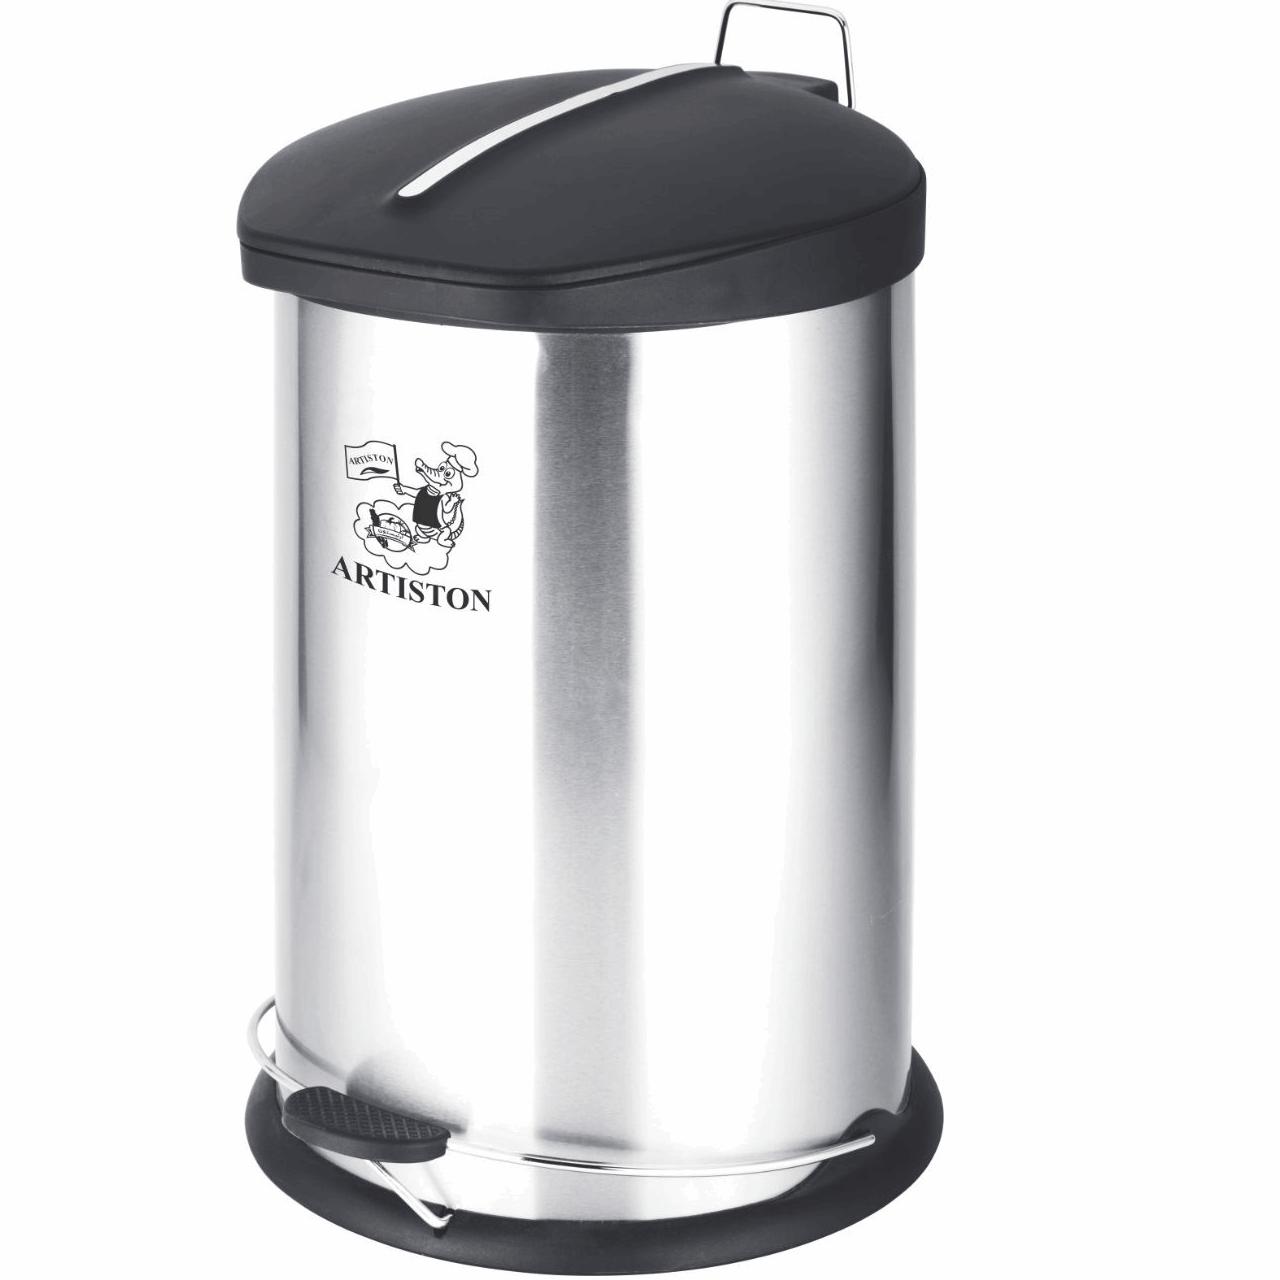 سطل زباله  استیل آرتیستون صنعت کد 3012 گنجایش 12 لیتر